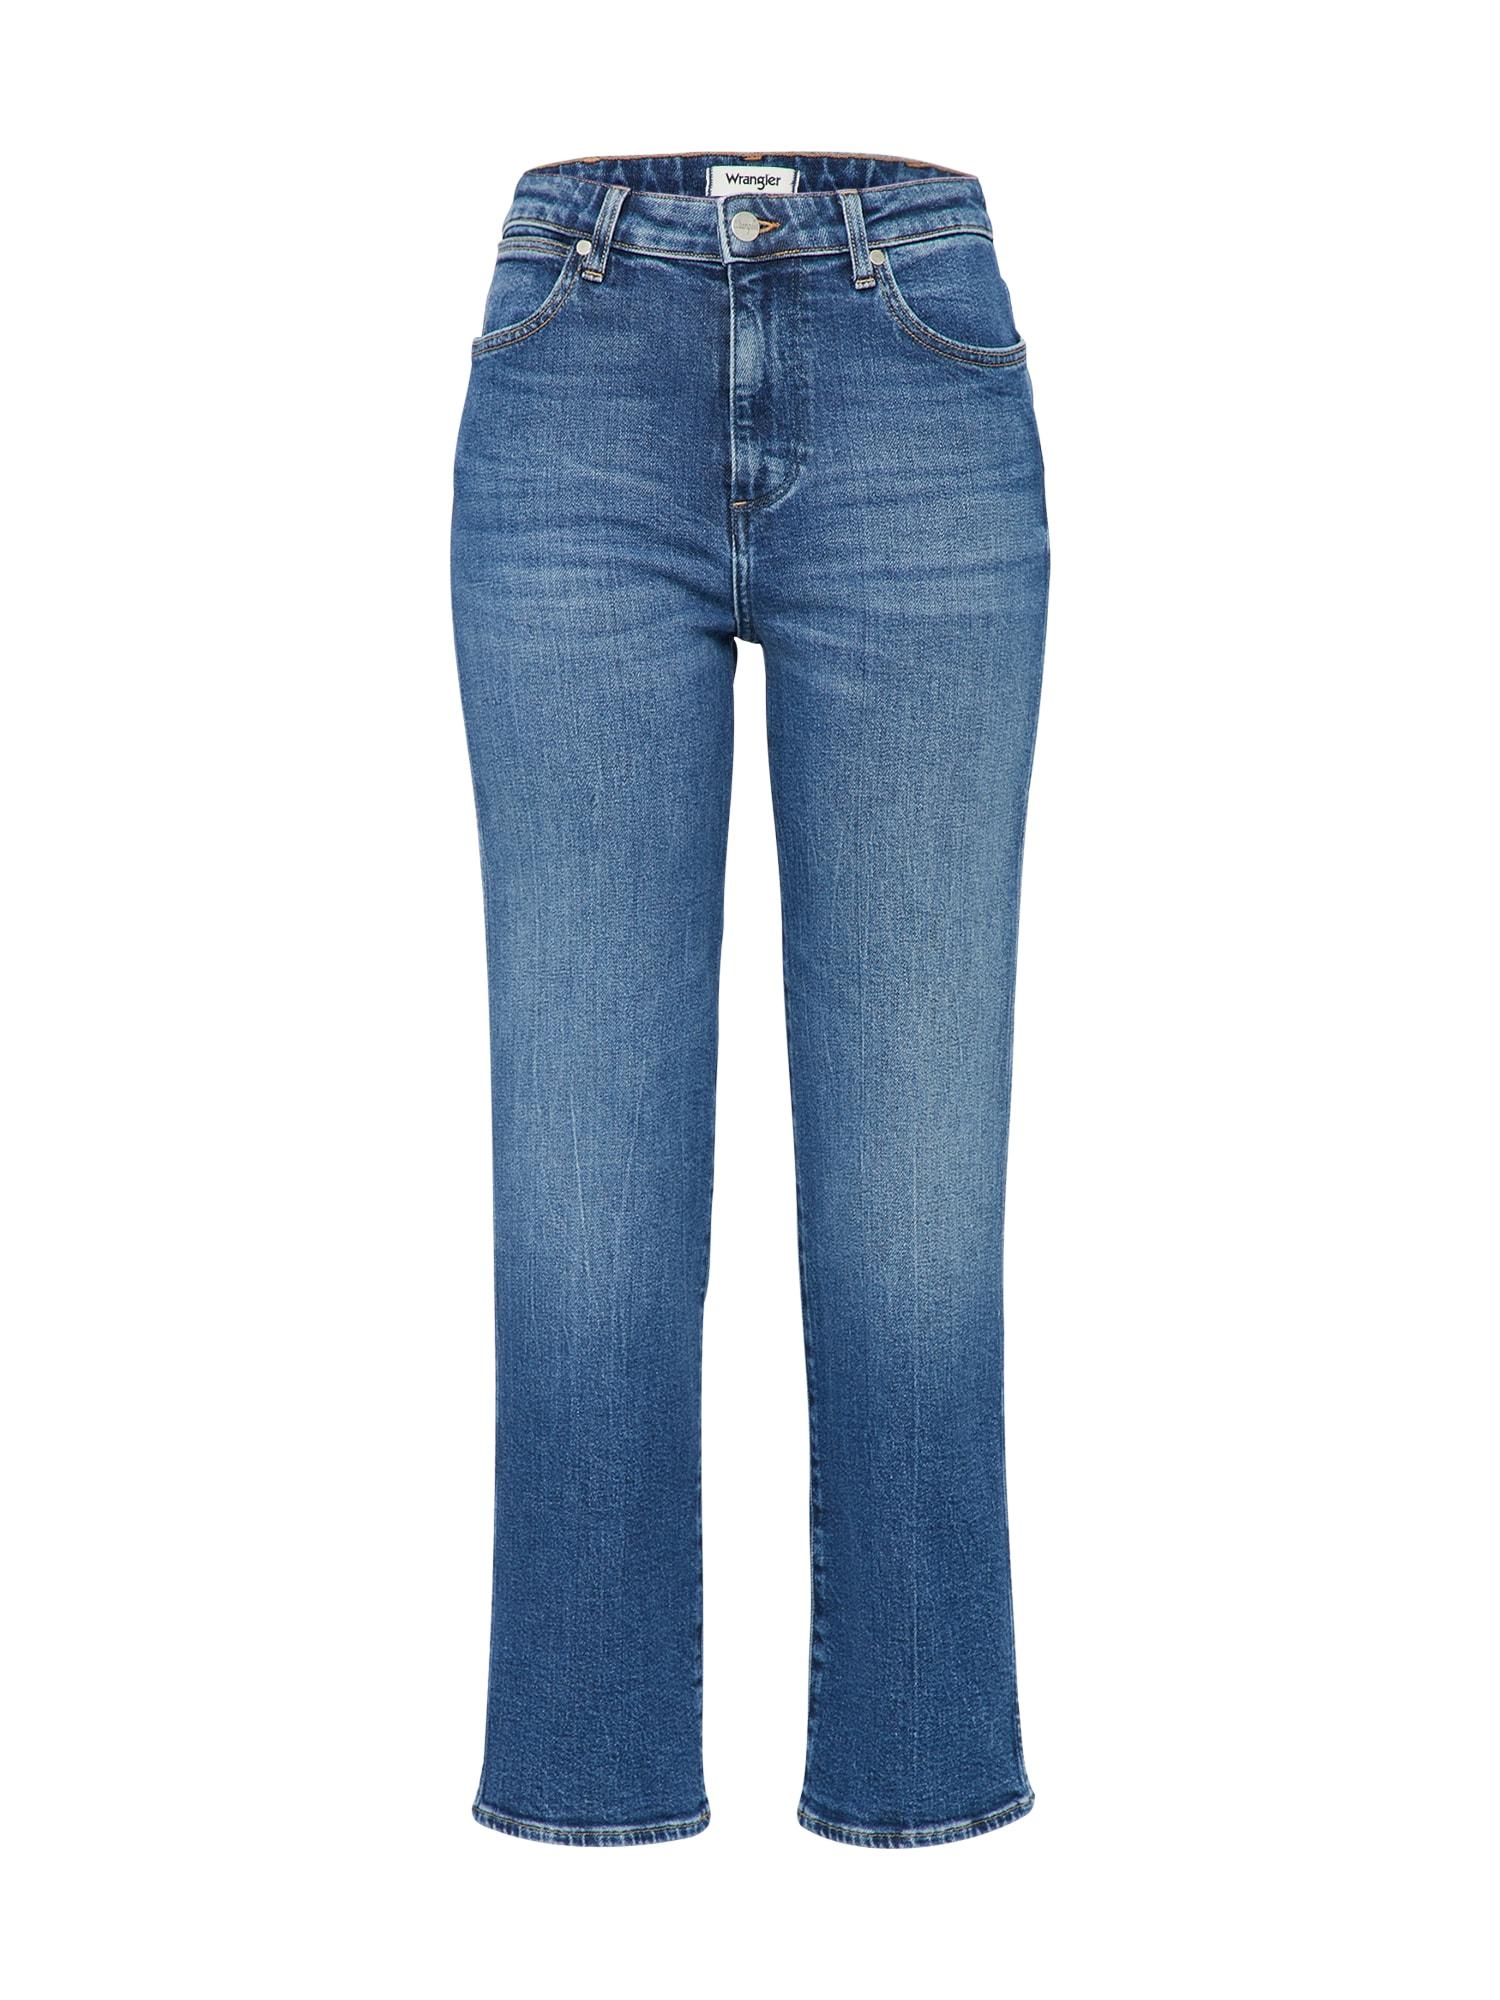 WRANGLER Dames Jeans RETRO blue denim